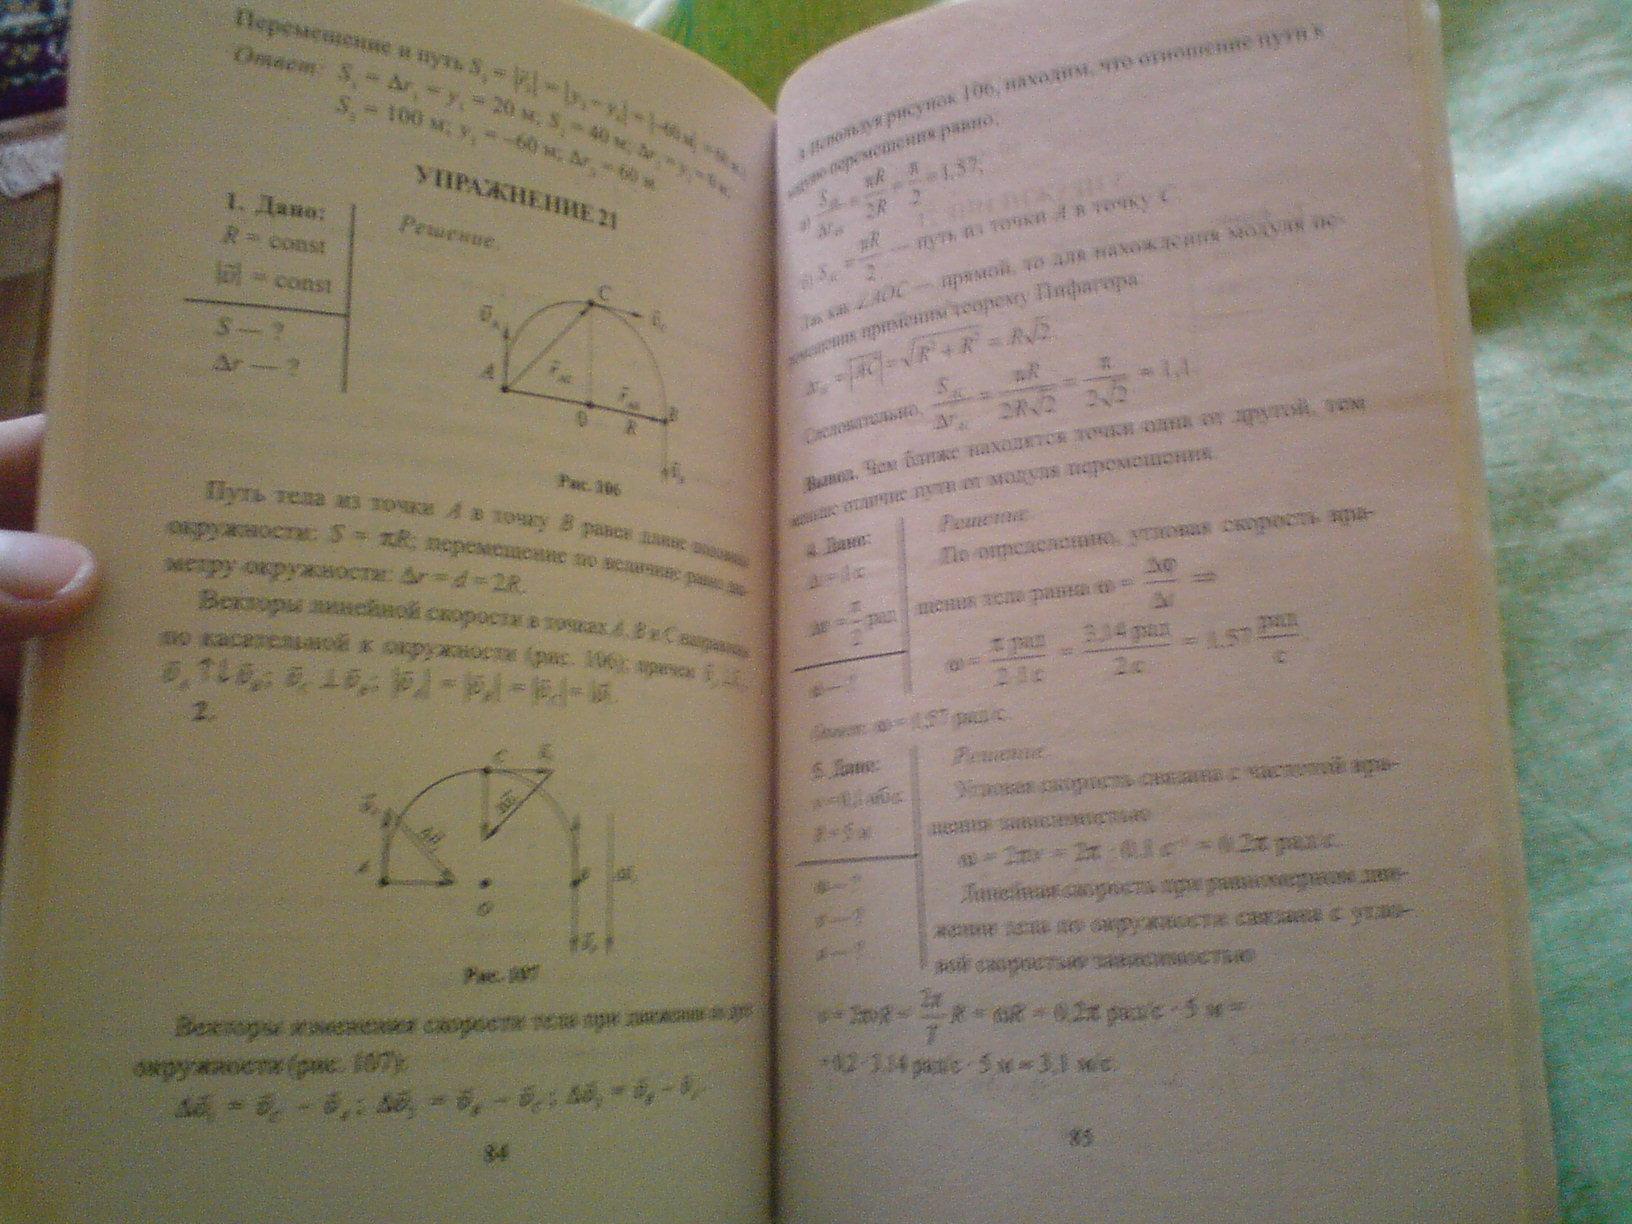 Решебник по физике 9 класс. Страница 47